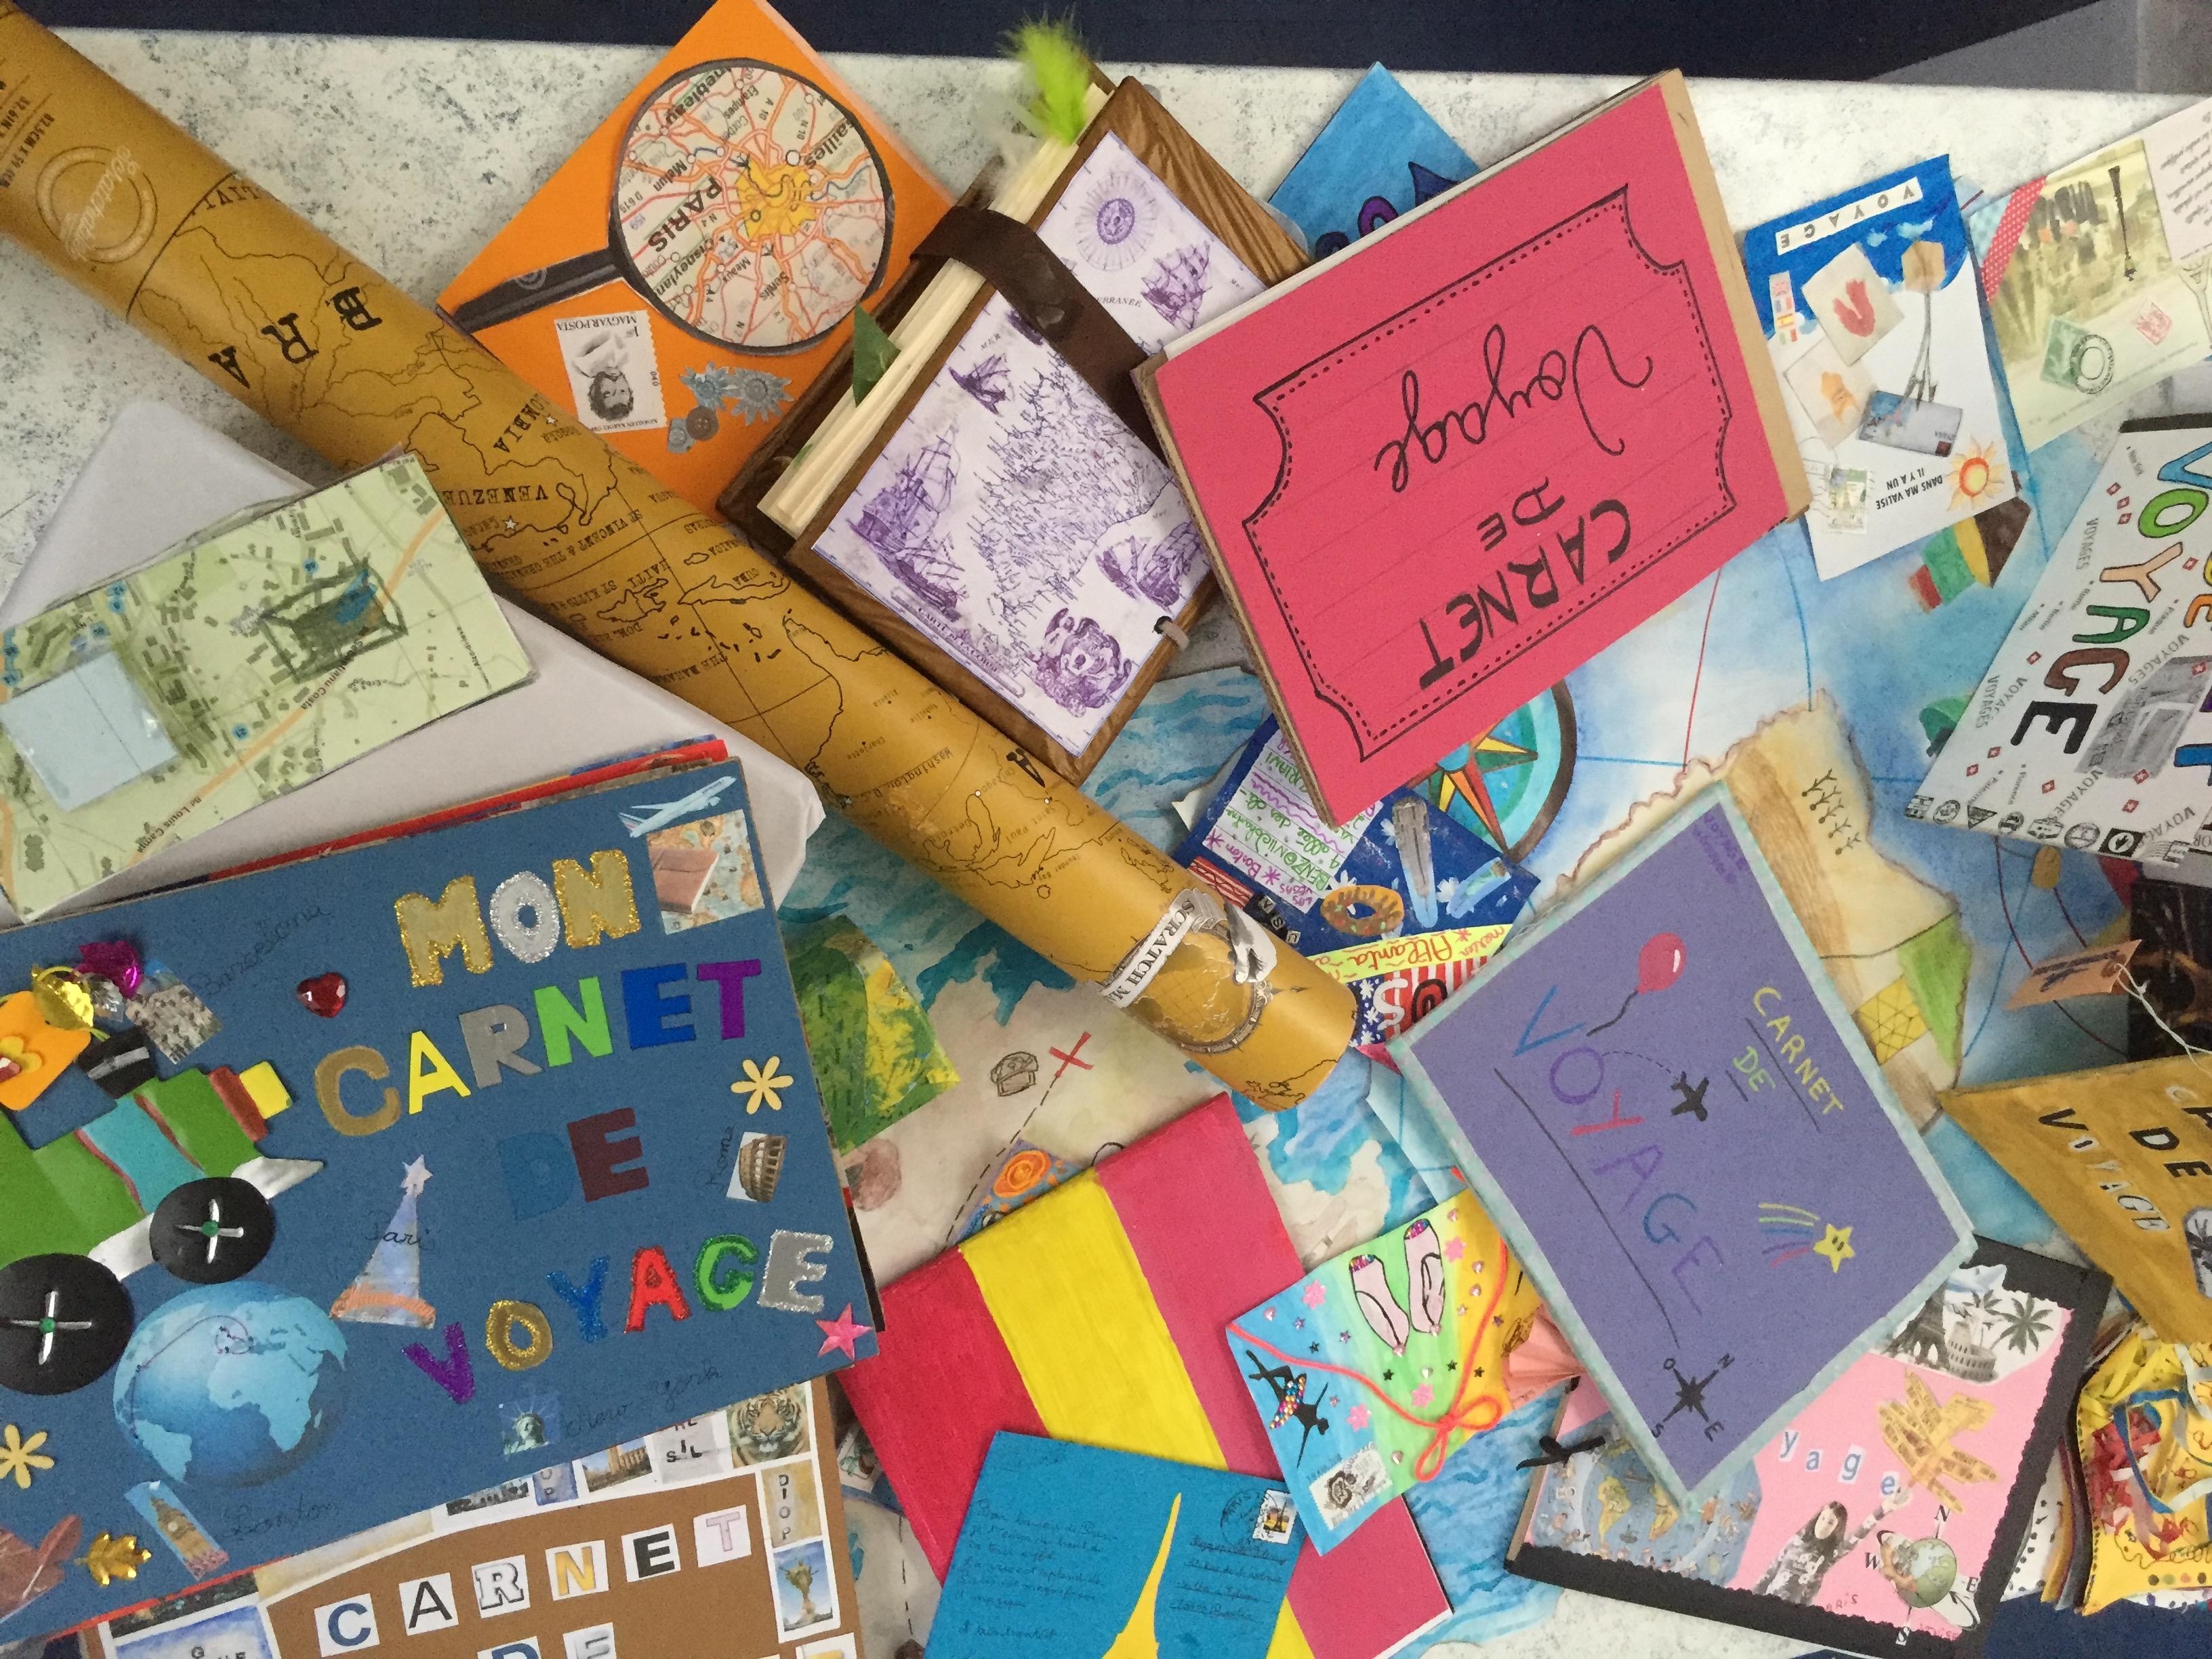 Bastia : Les élèves du collège de Montesoro invitent le public au voyage